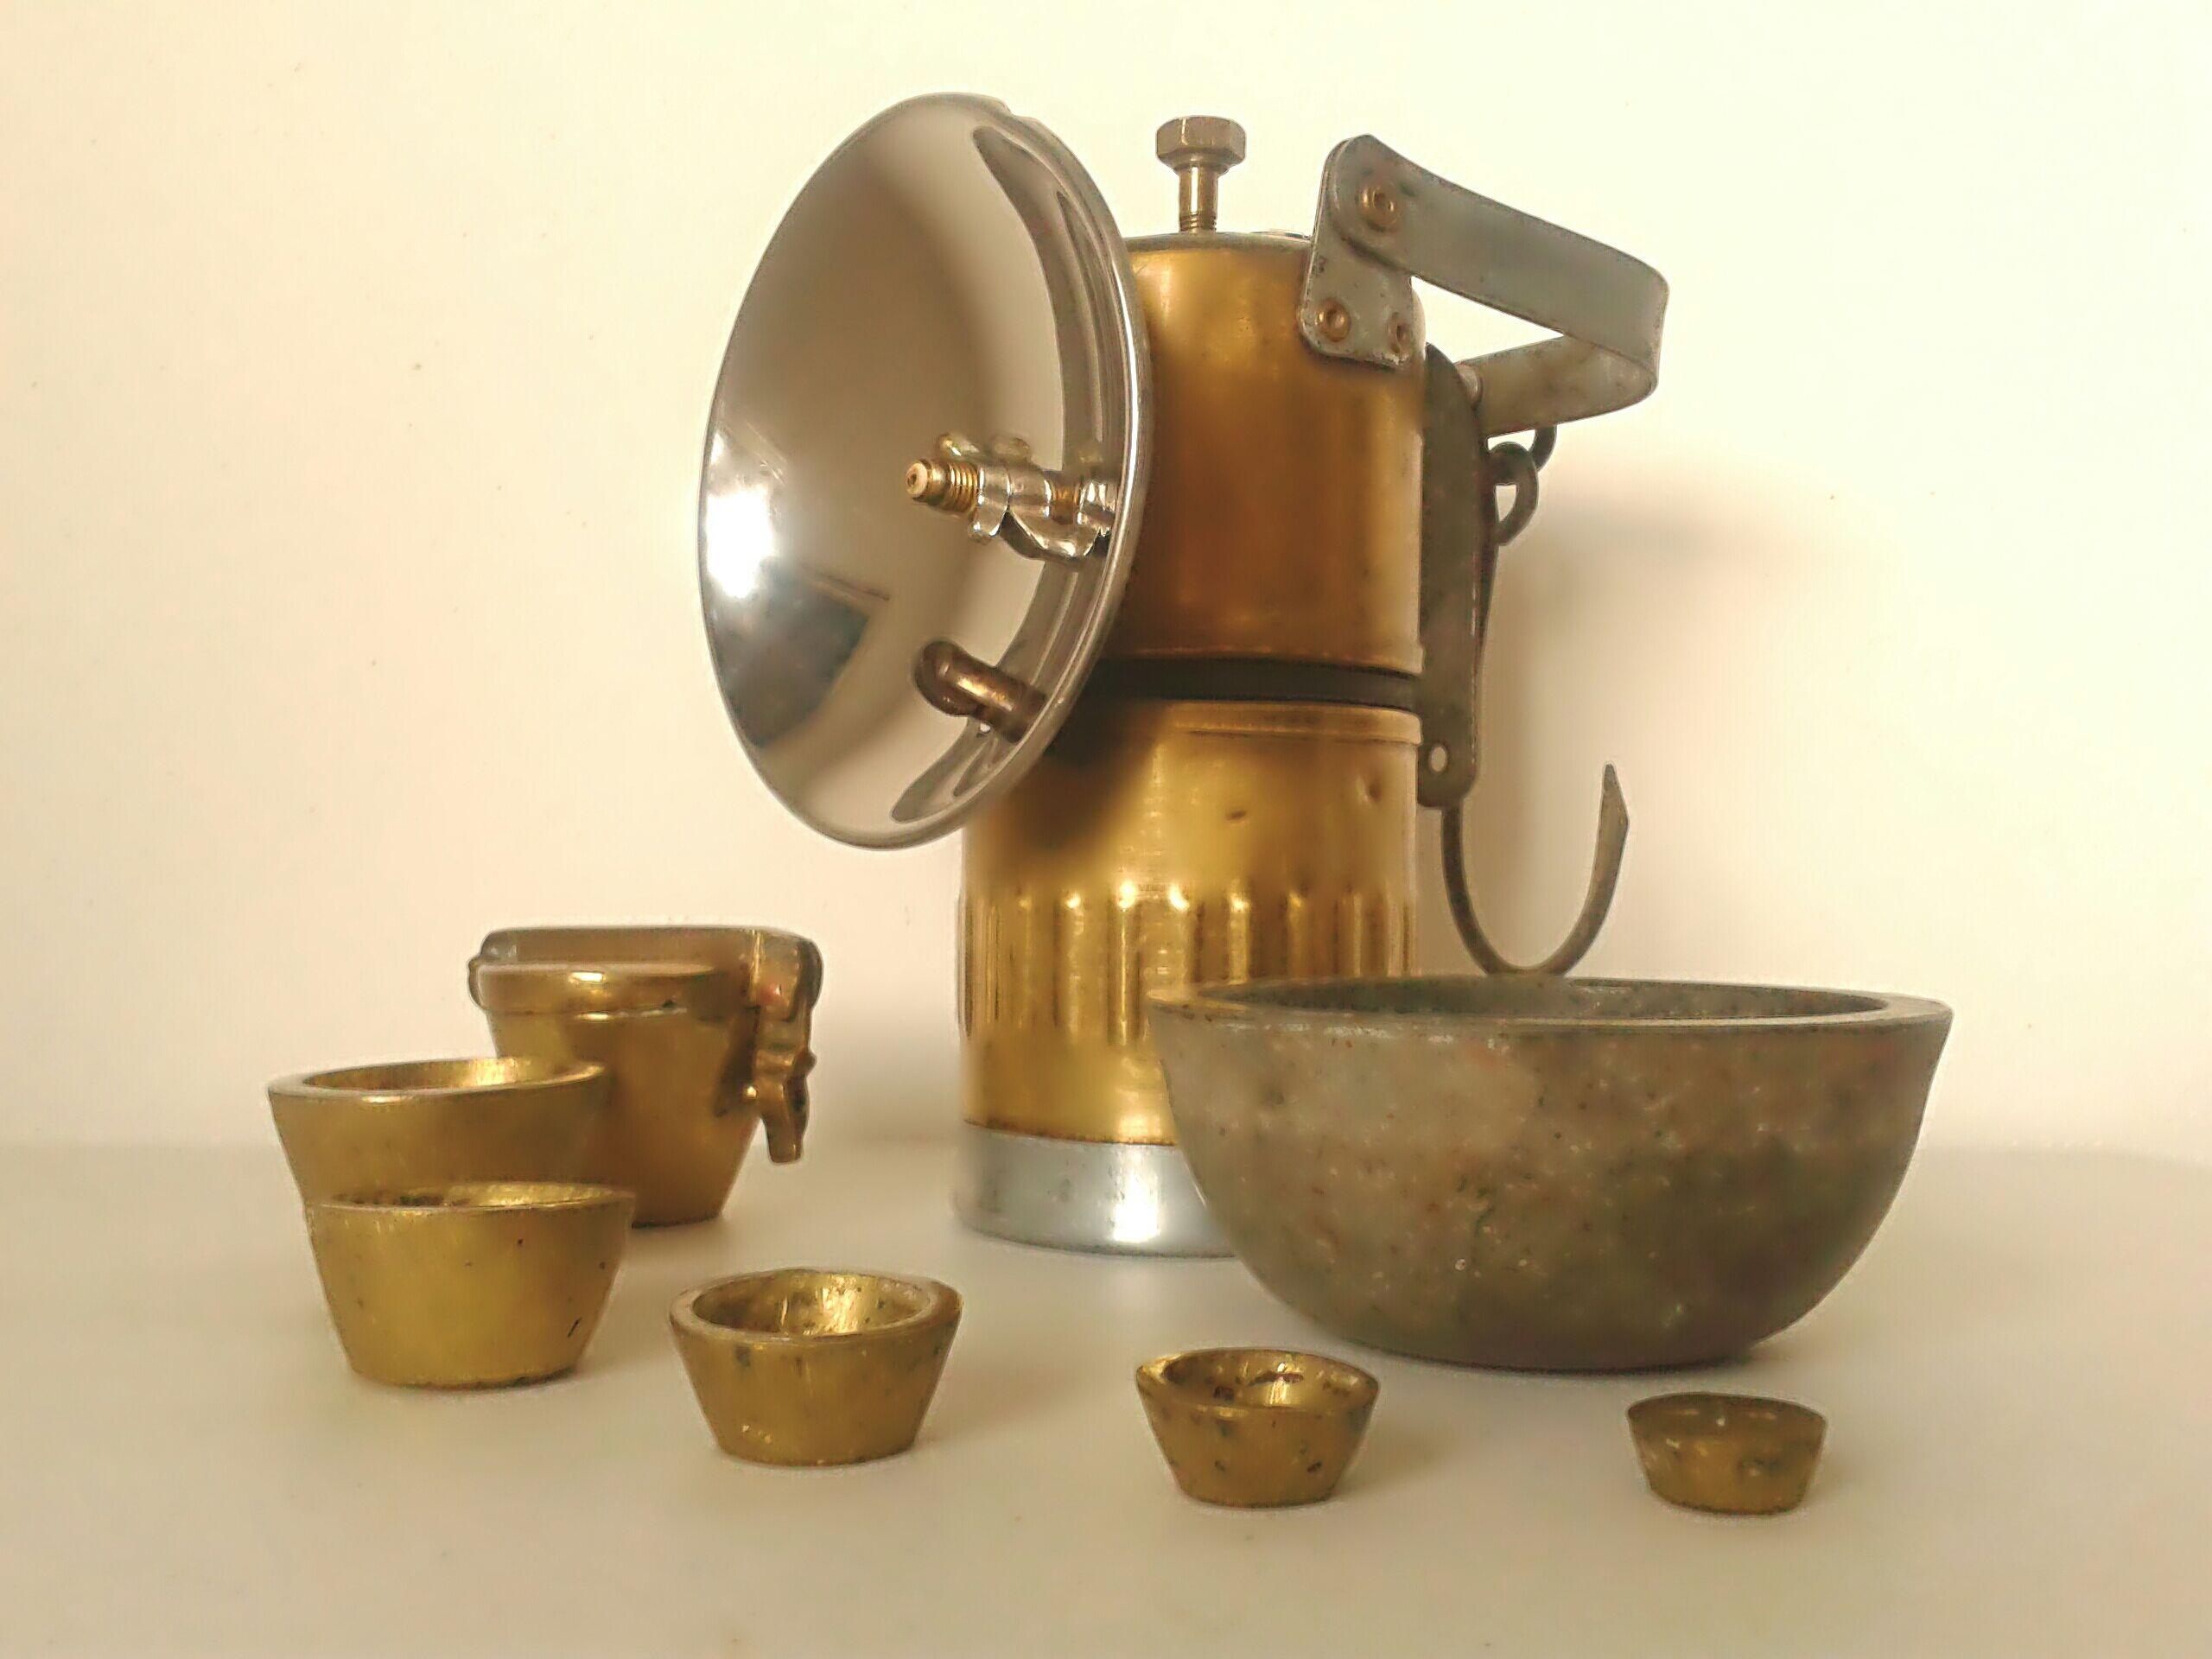 Antiguedades, foto tomada para tienda de antiguedades